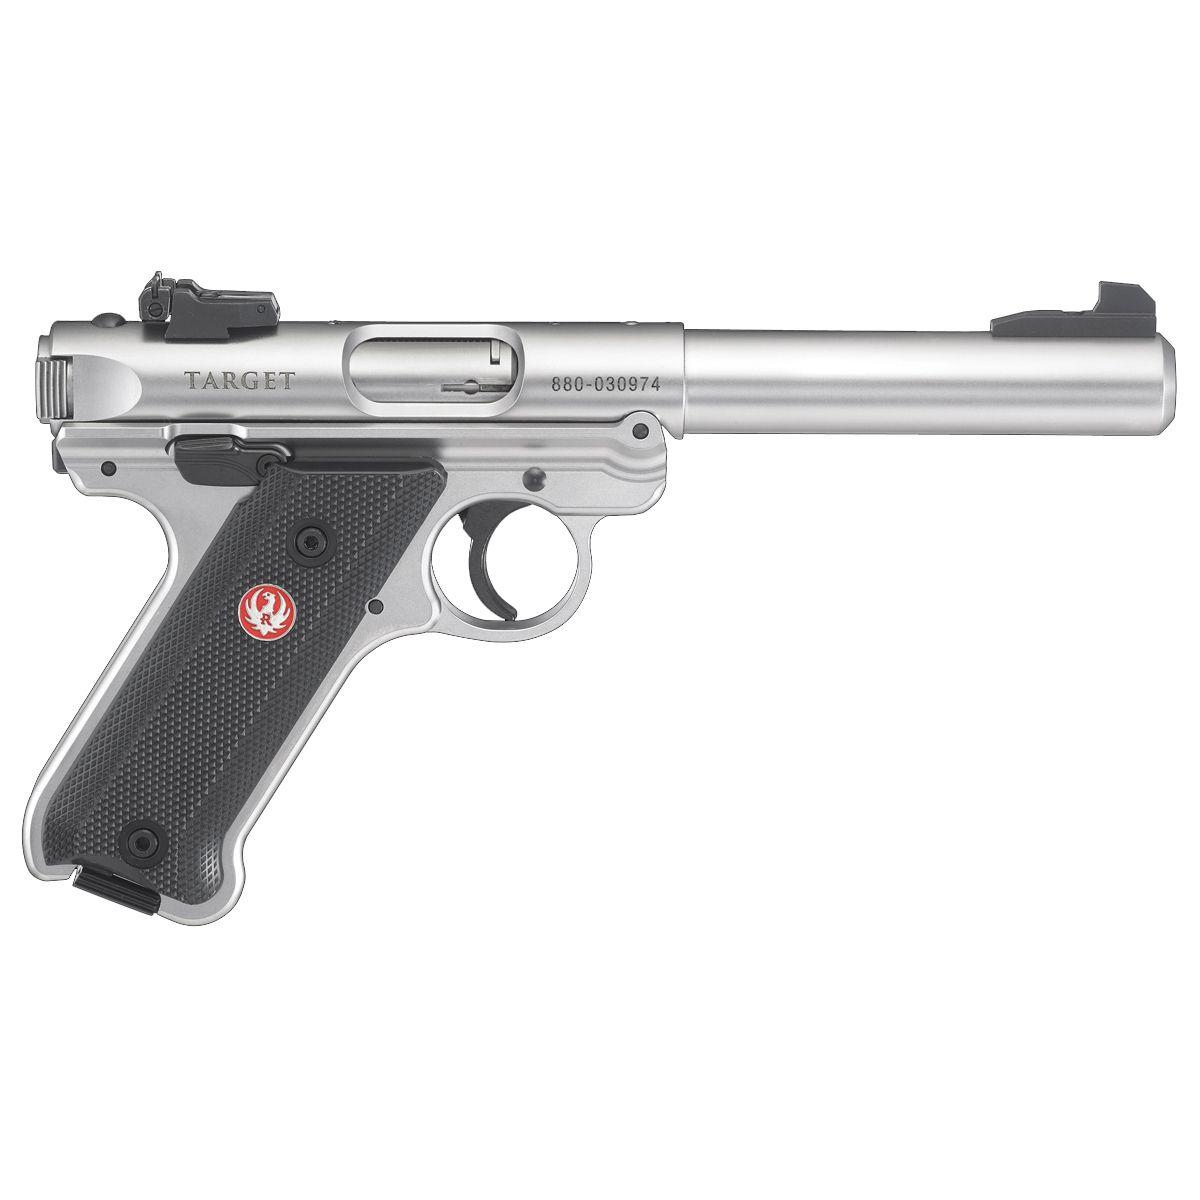 Ruger Mark IV Target .22 LR 5.5